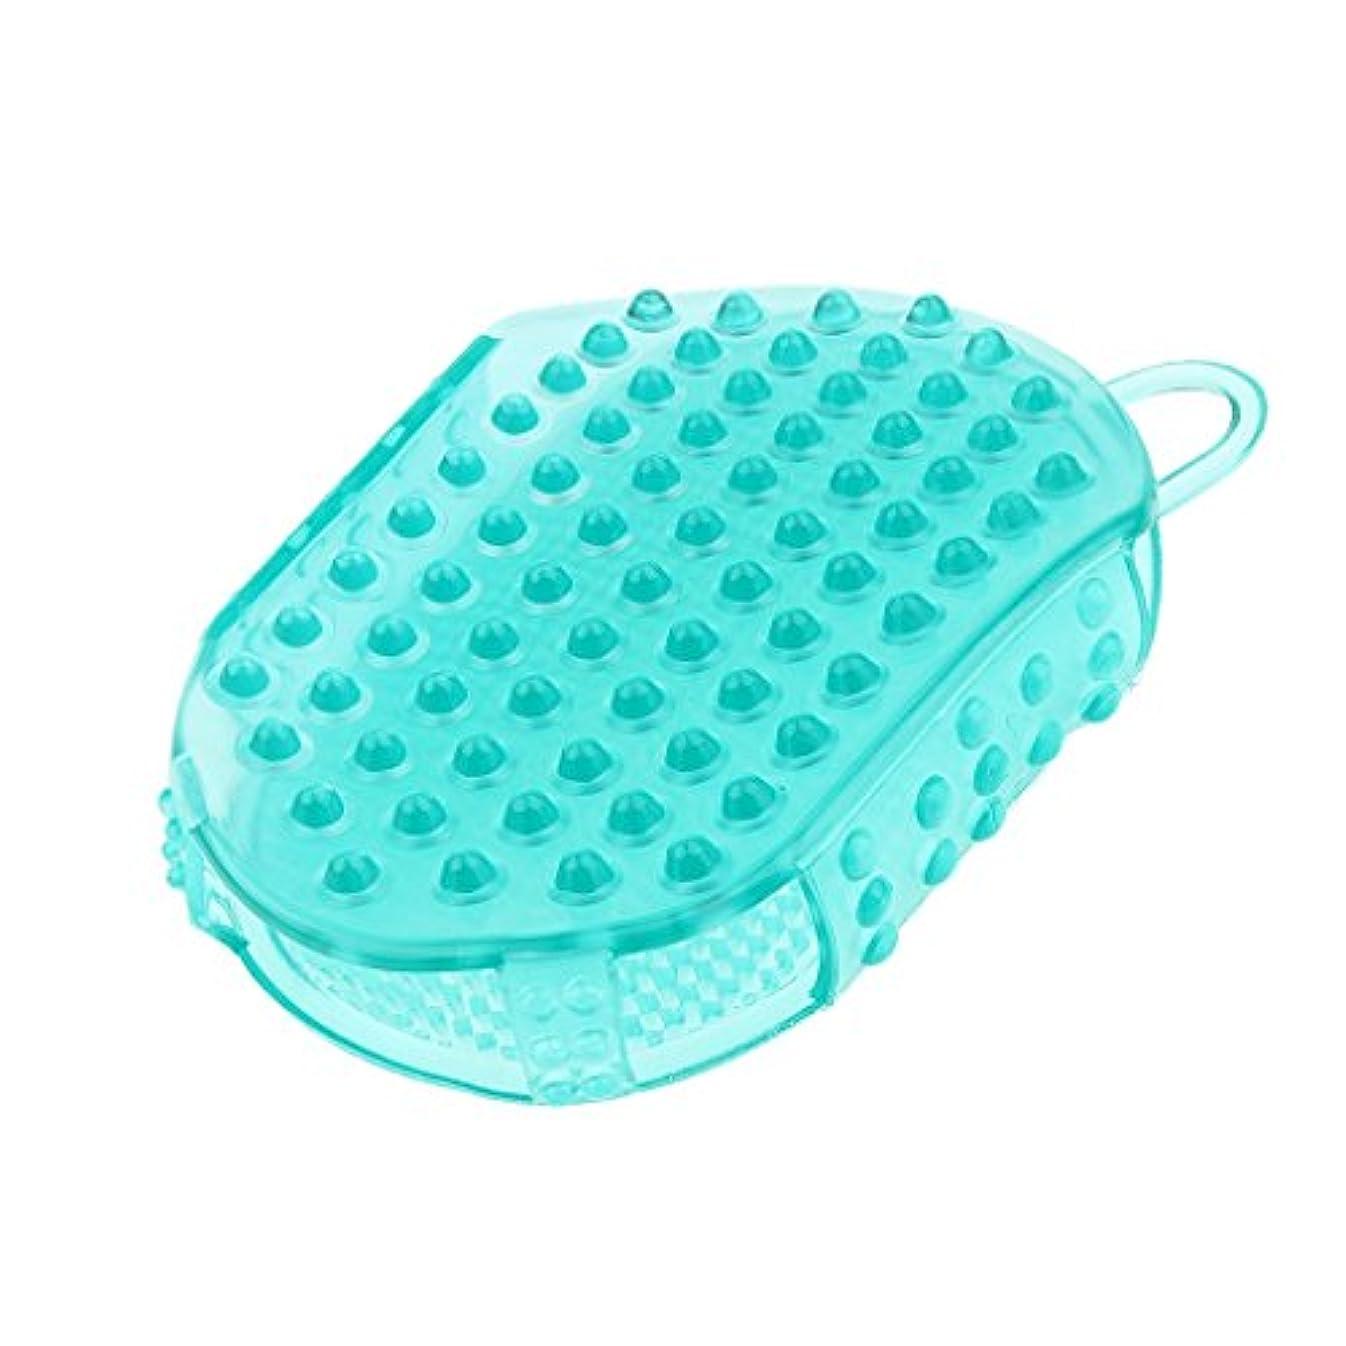 パントリーやむを得ないのぞき見頭皮マッサージ コーム ヘアマッサージャー 櫛 防水性 子供 大人 シャワー用 便利